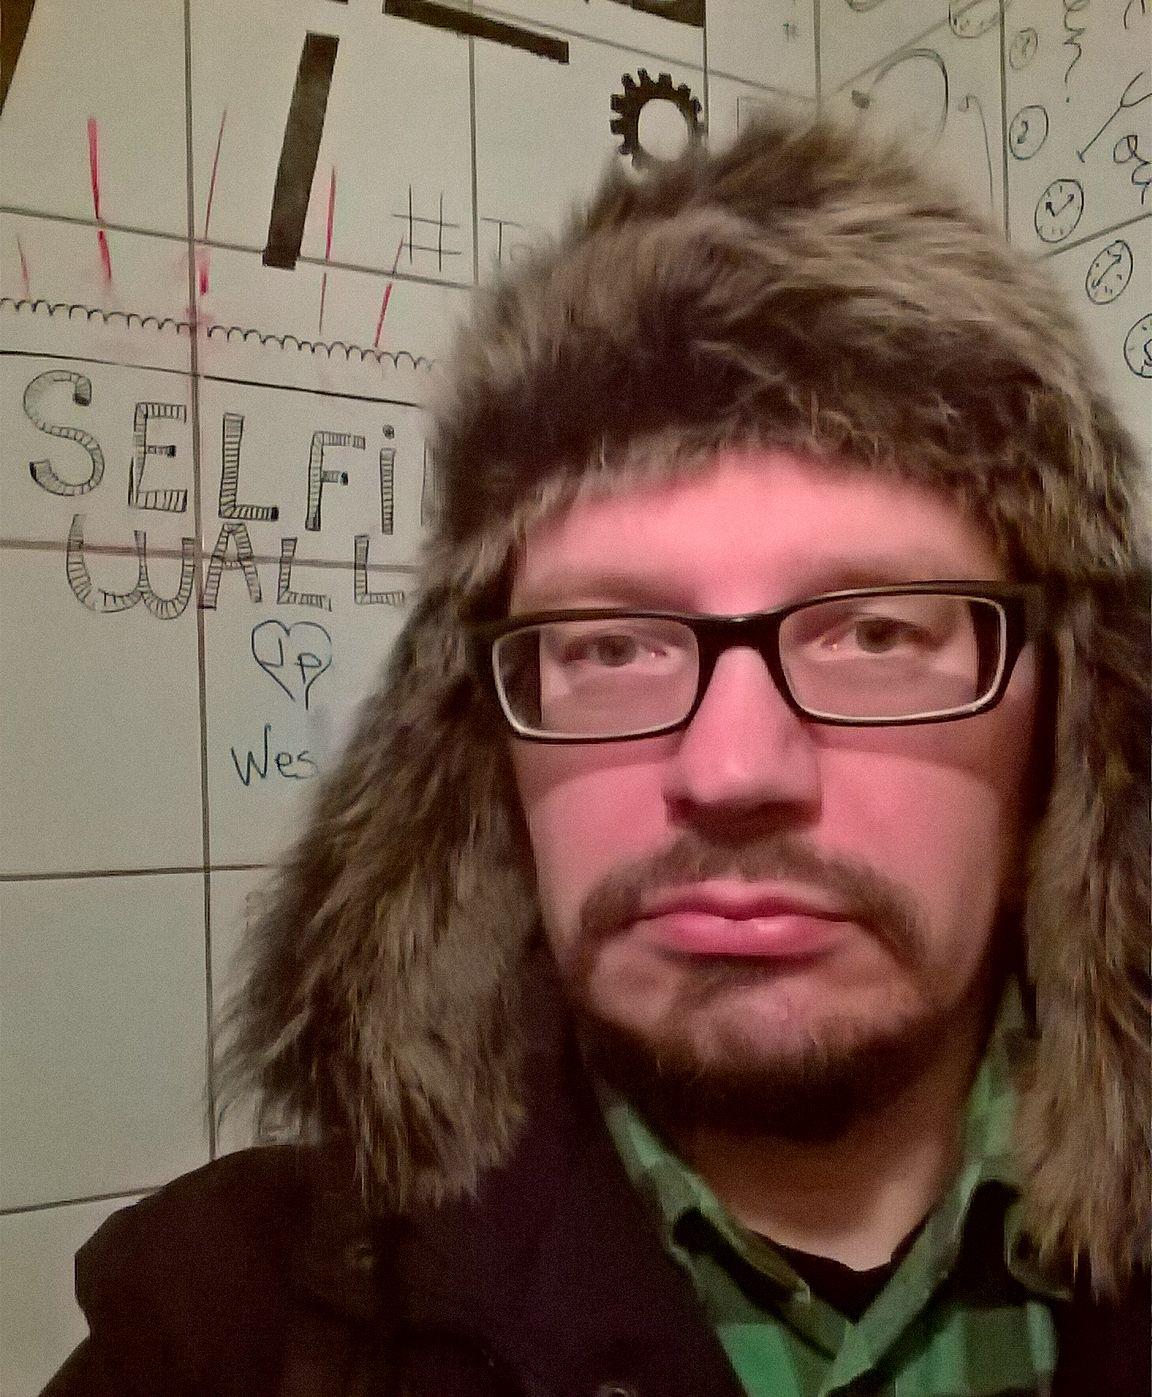 Se pakollinen selfie wall -kuva Pööbelin yhdessä wc-kopissa.